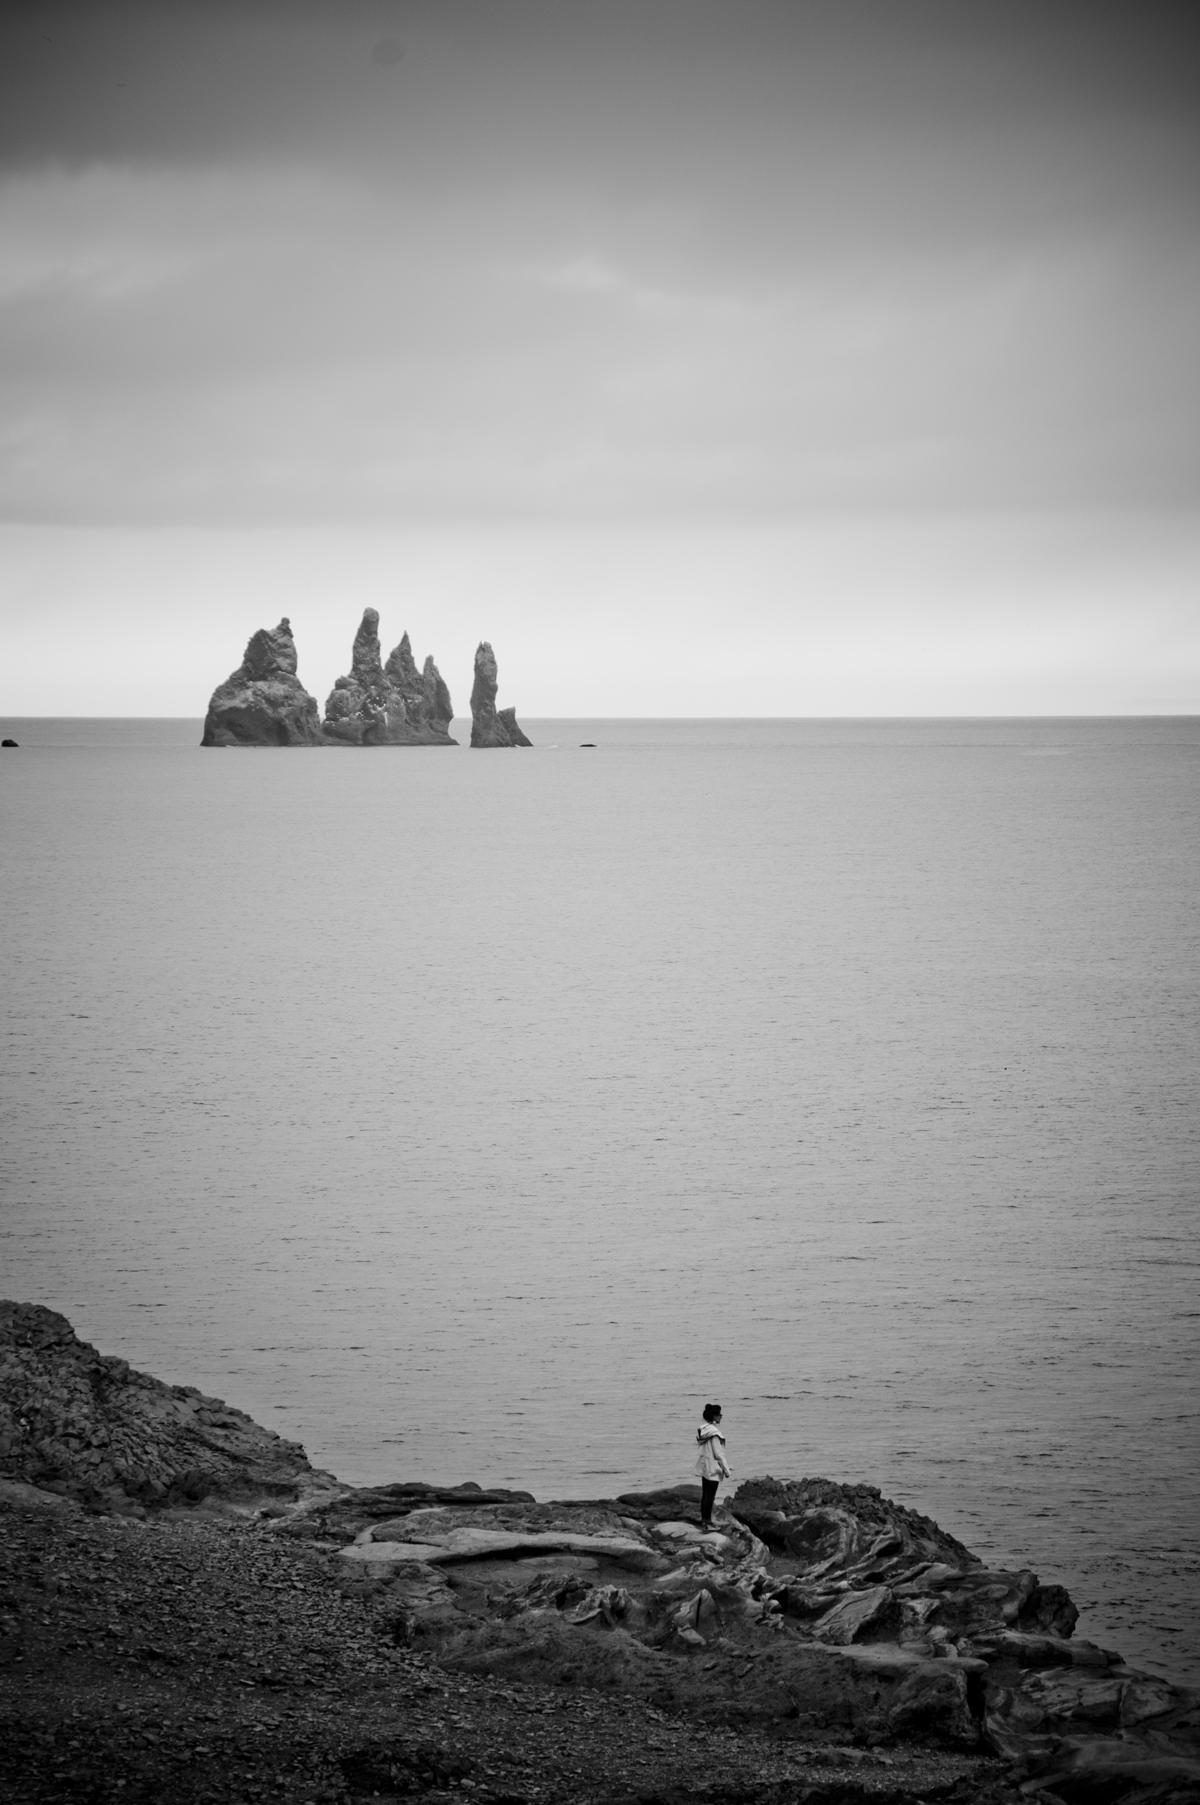 Islandia_monica mirando cosas3 blanco y negro